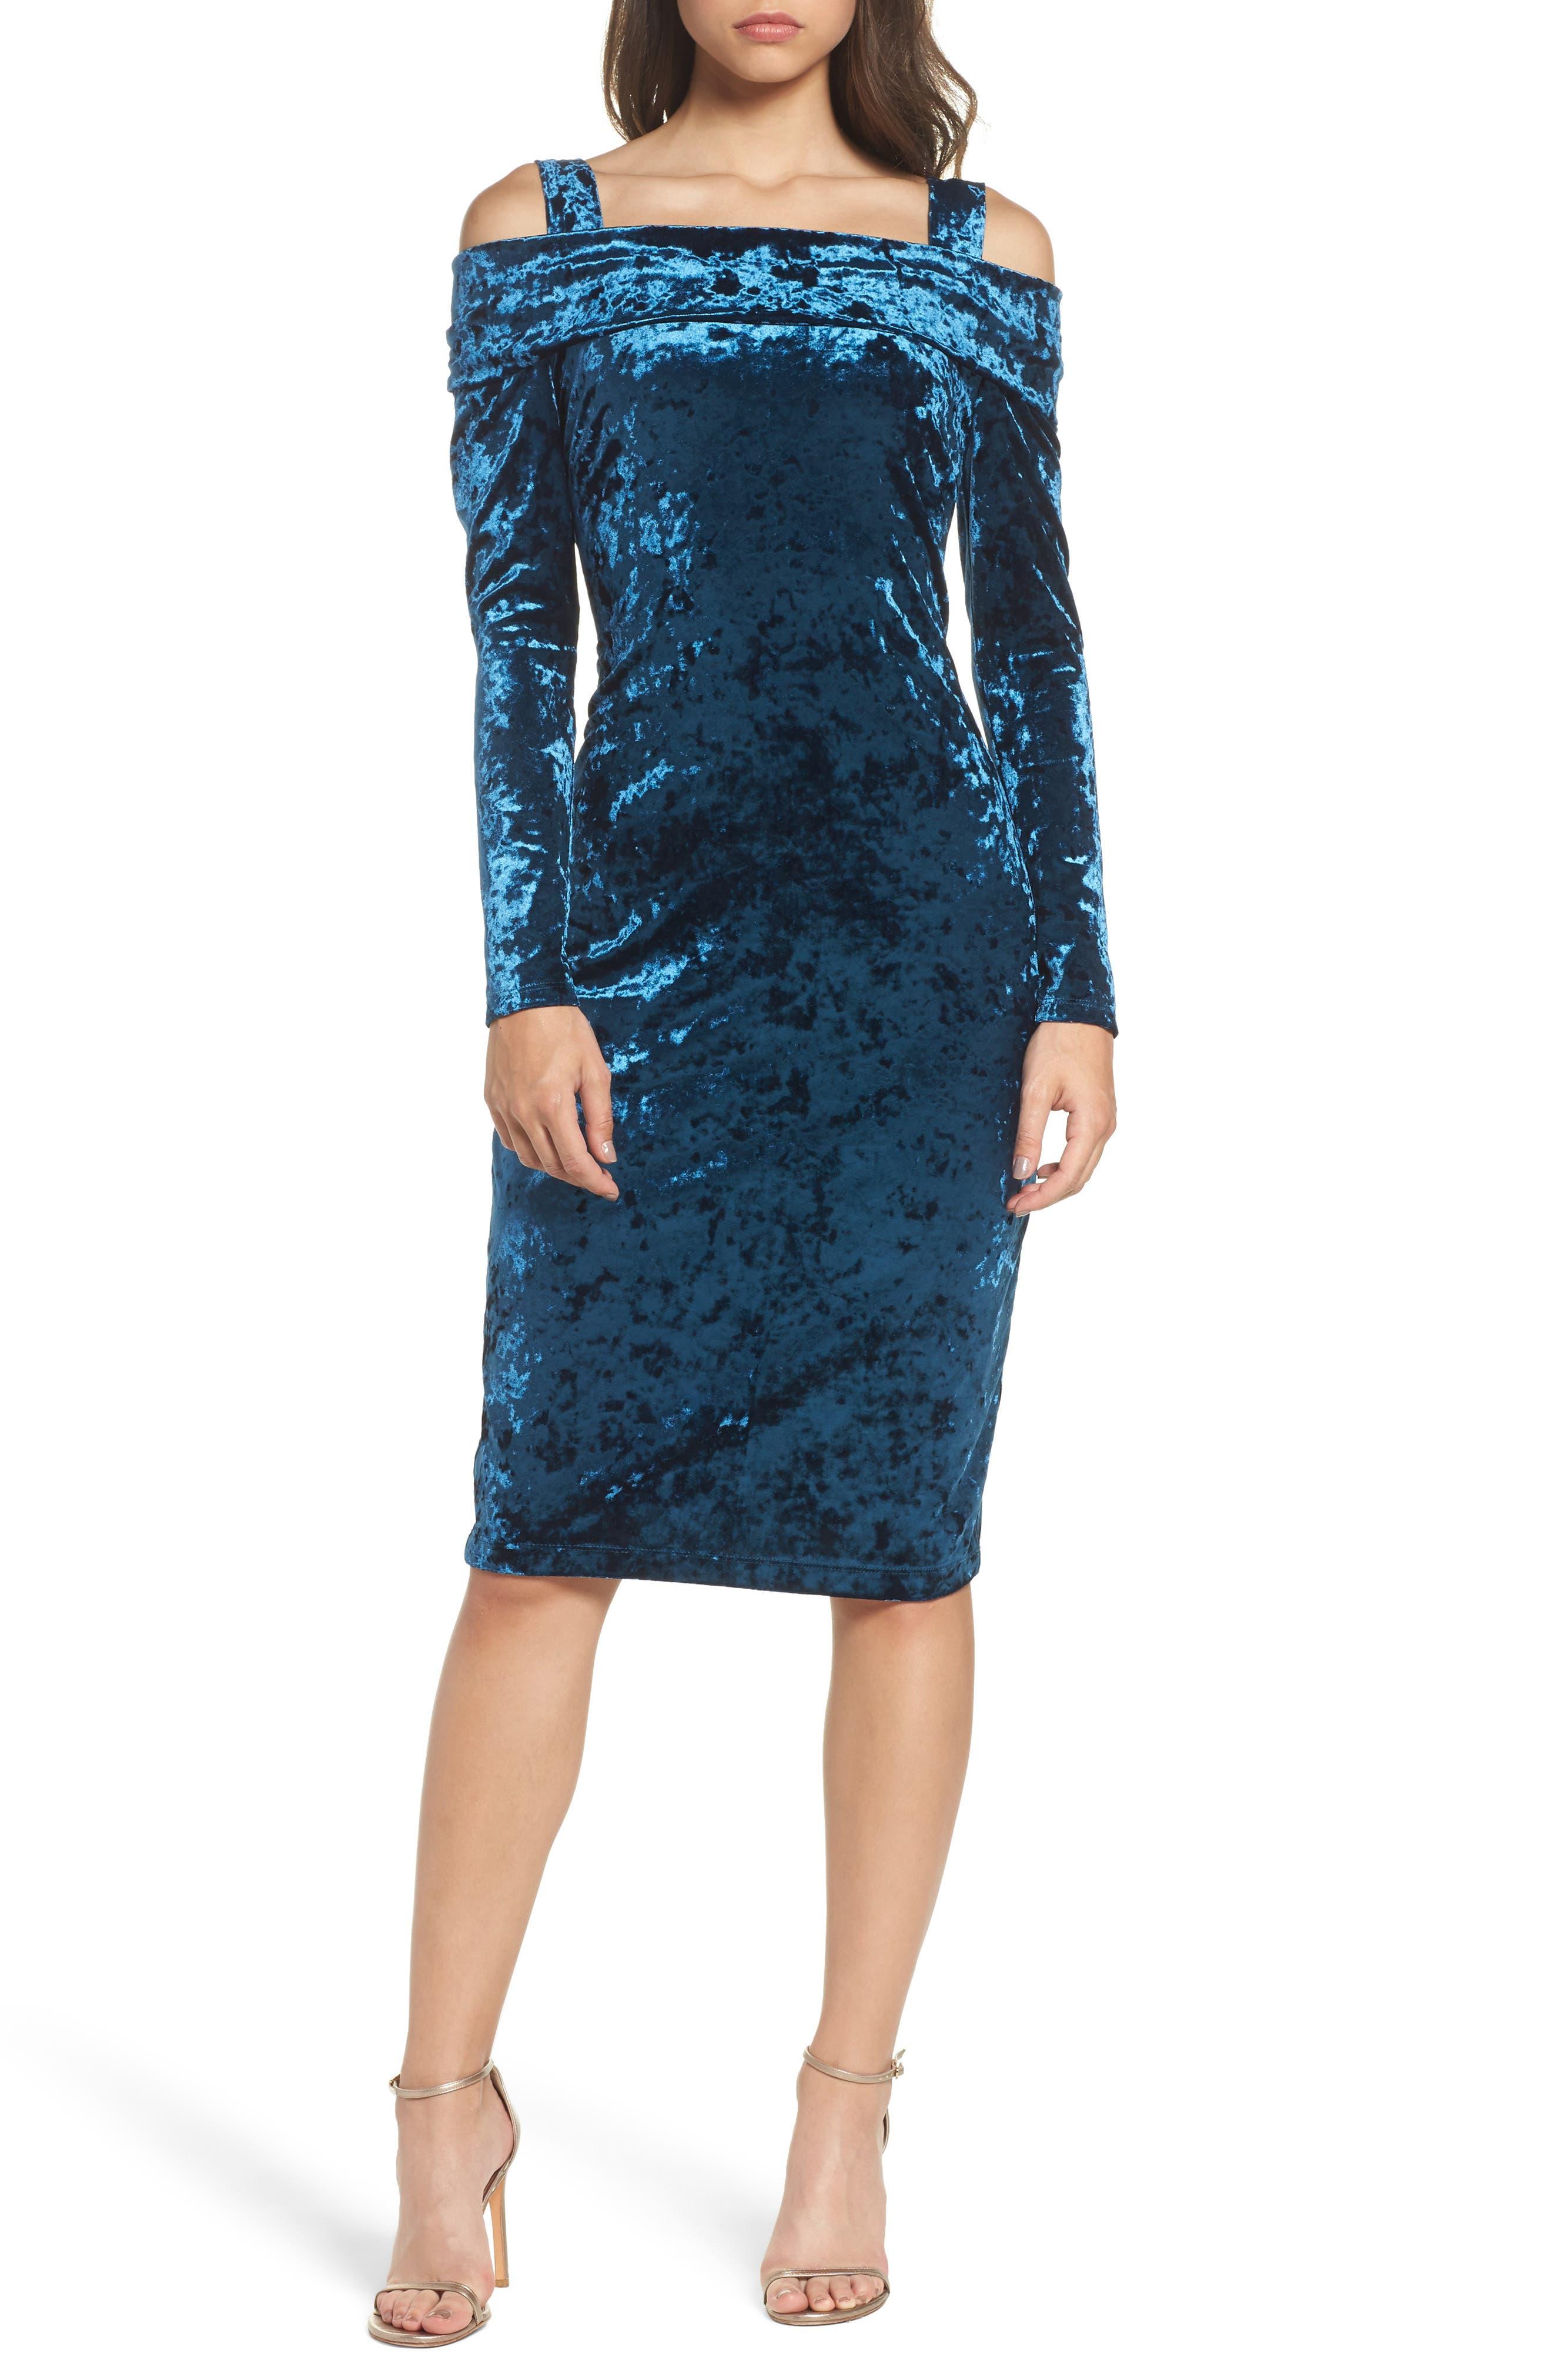 Alternate Image 1 Selected - Maggy London Crushed Velvet Off the Shoulder Dress